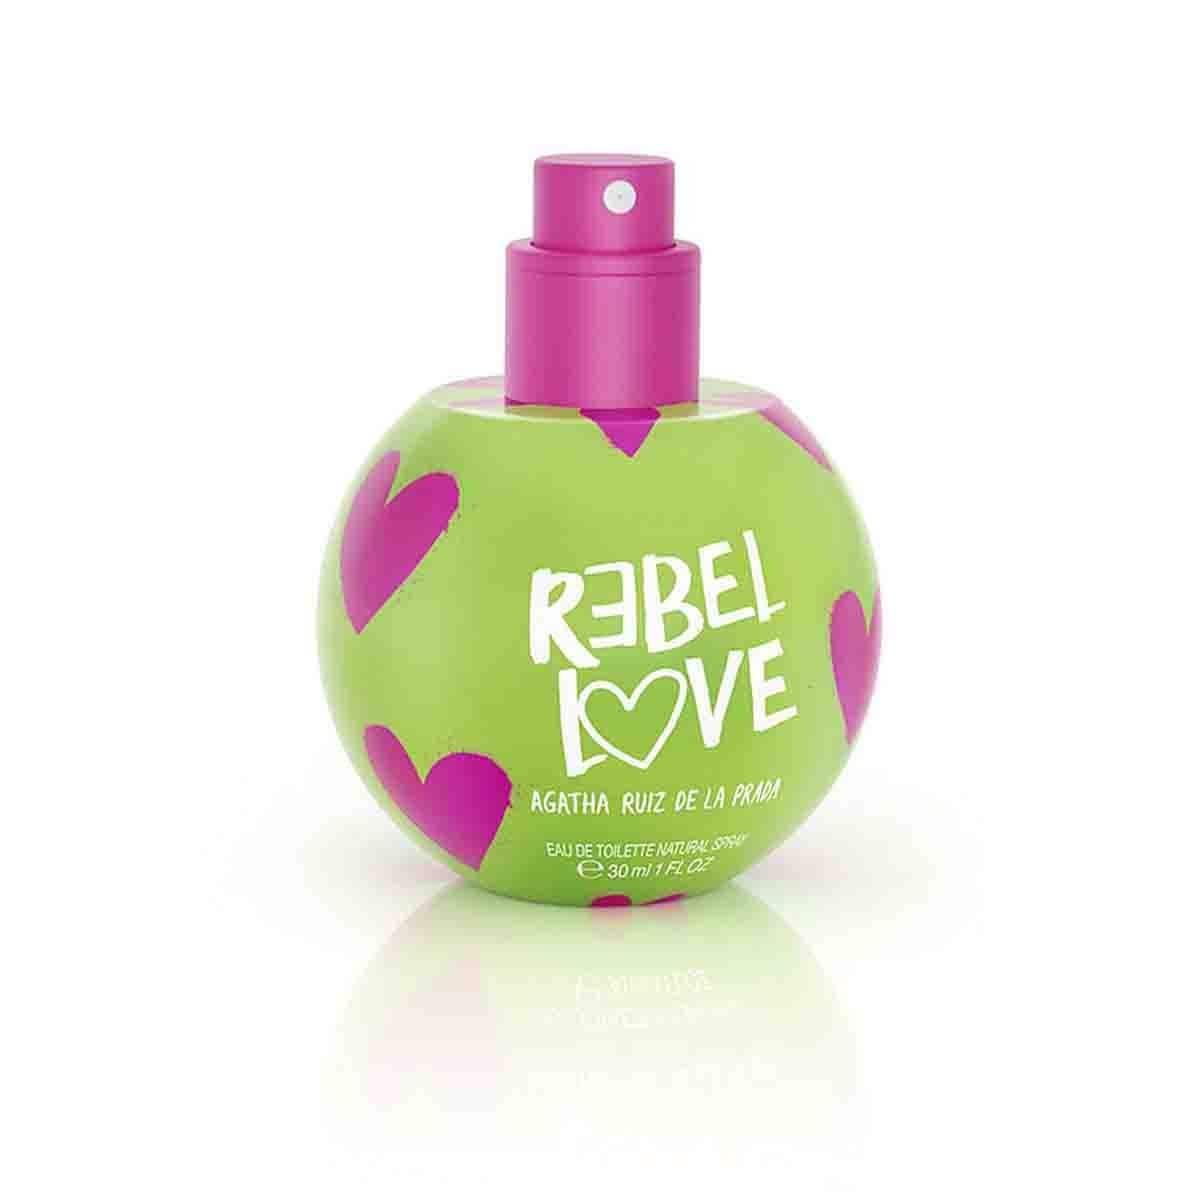 Fragancia para Dama, Agatha Ruiz de la Prada Rebel Love Bubble Edt 30Ml